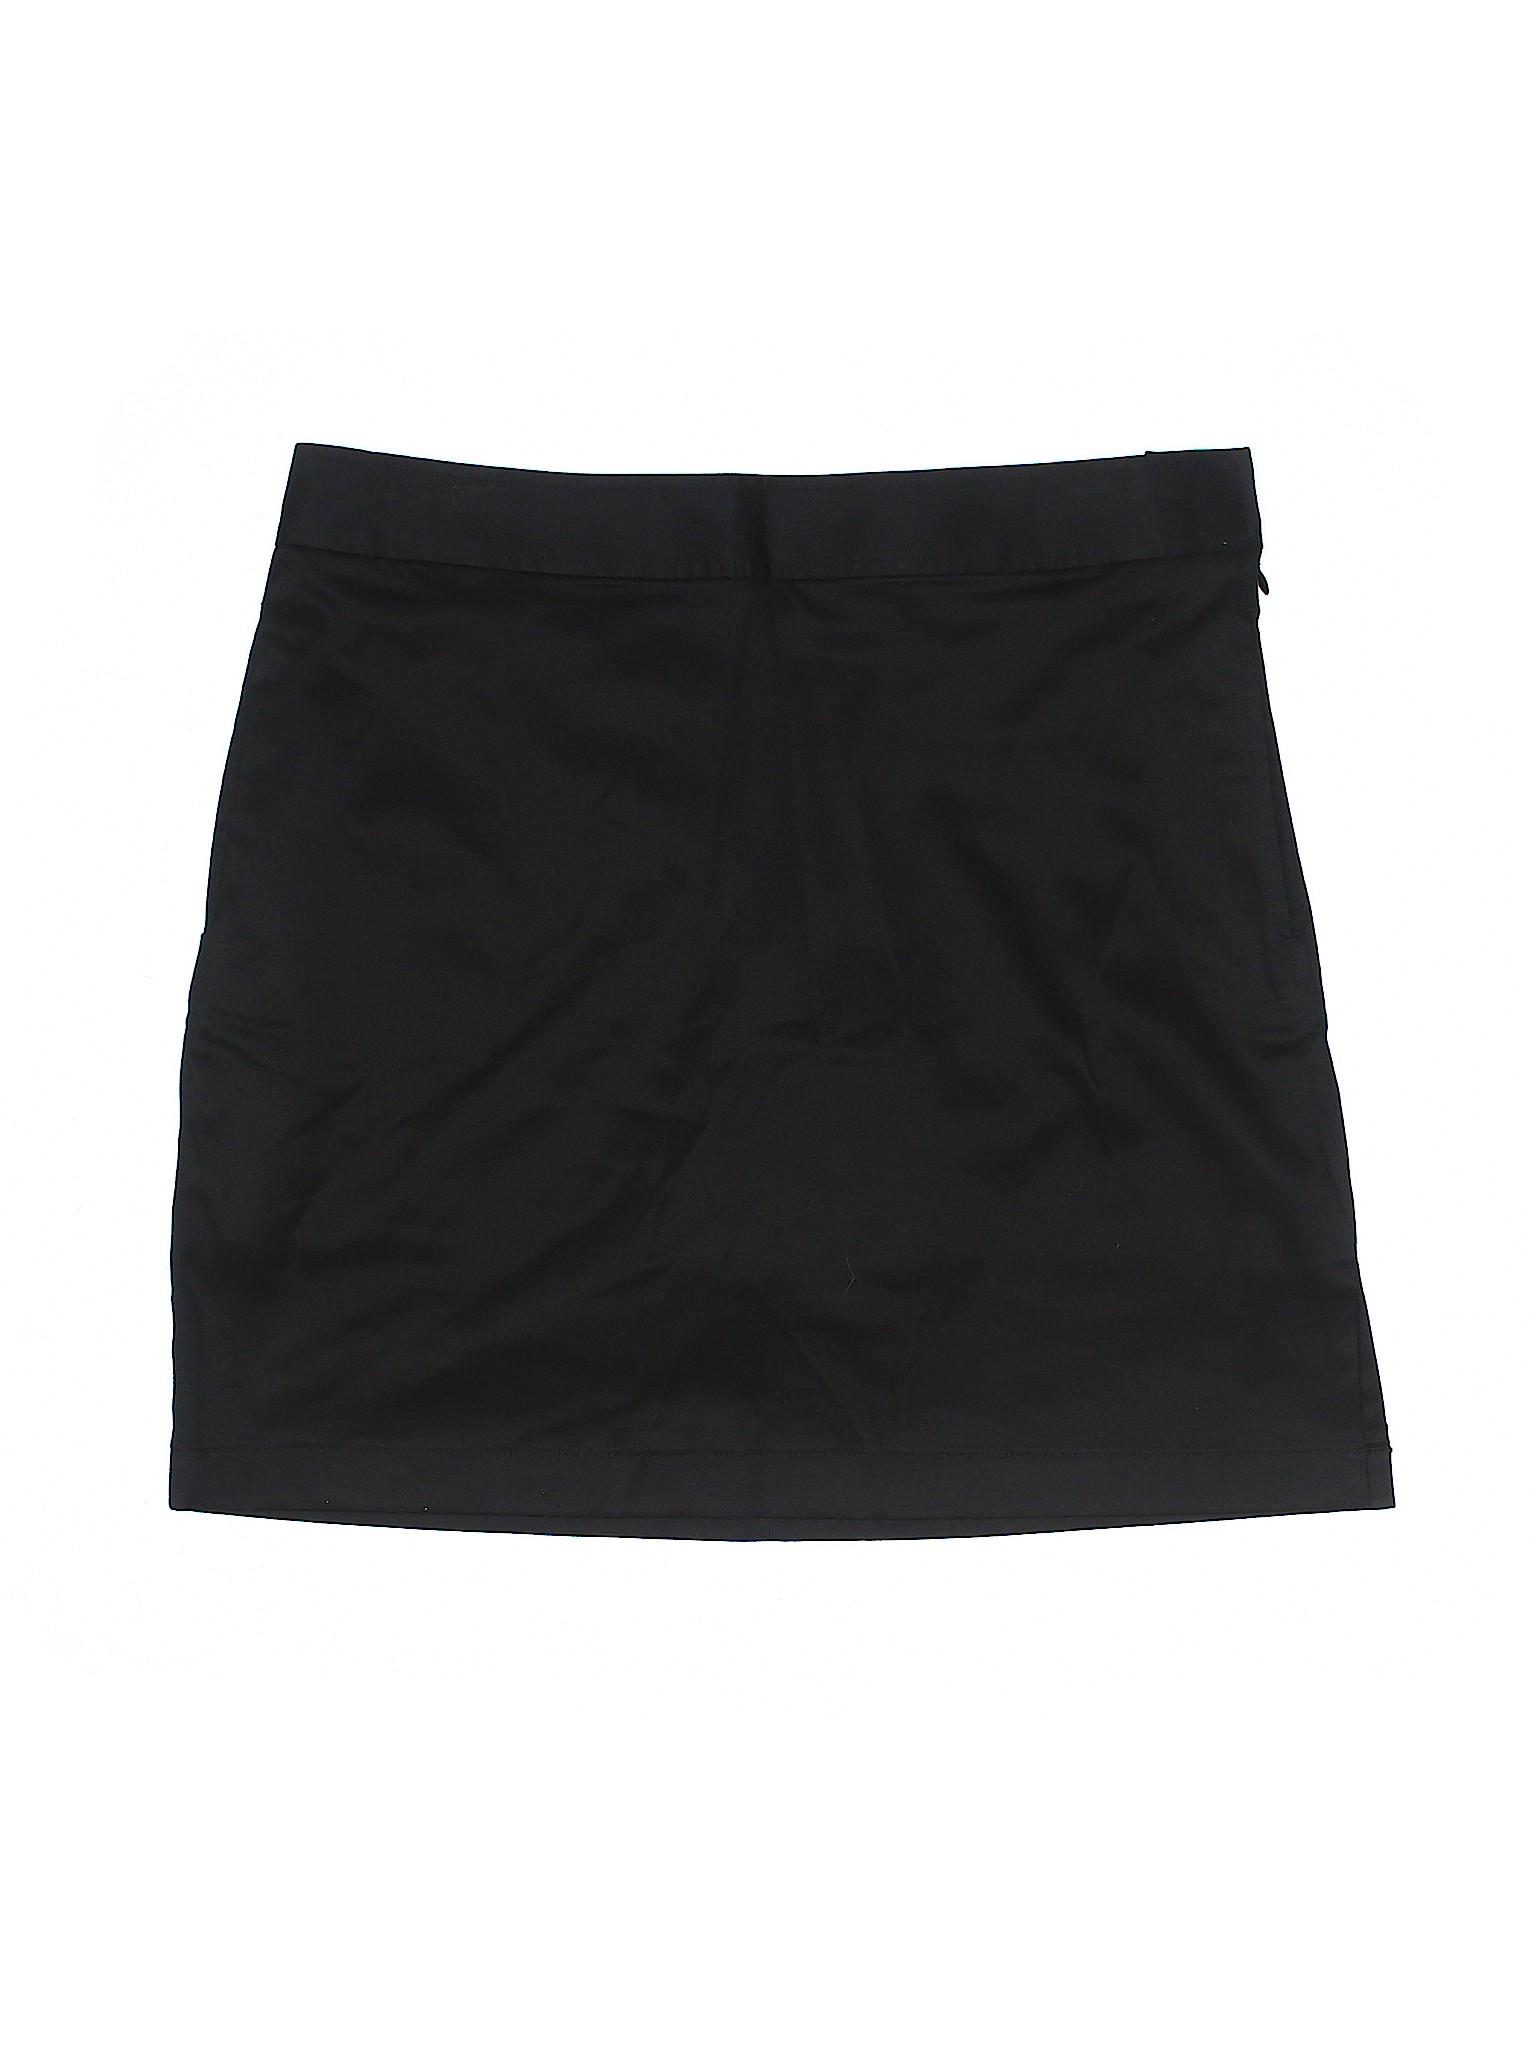 Ashworth Boutique Casual Boutique Skirt Boutique Skirt Ashworth Casual v1awqxnEpn